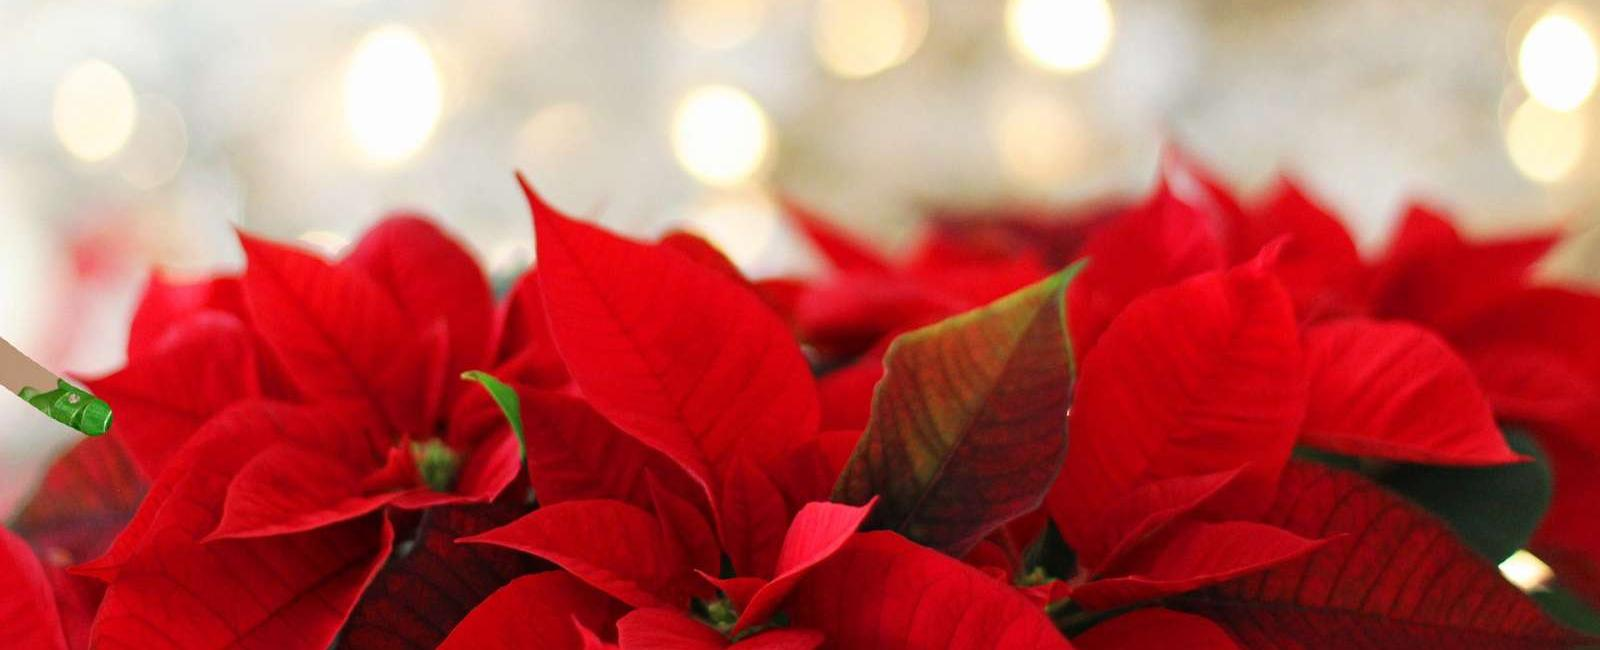 Poinsetia sau Crăciunelul, care este adevărata floare a iernii